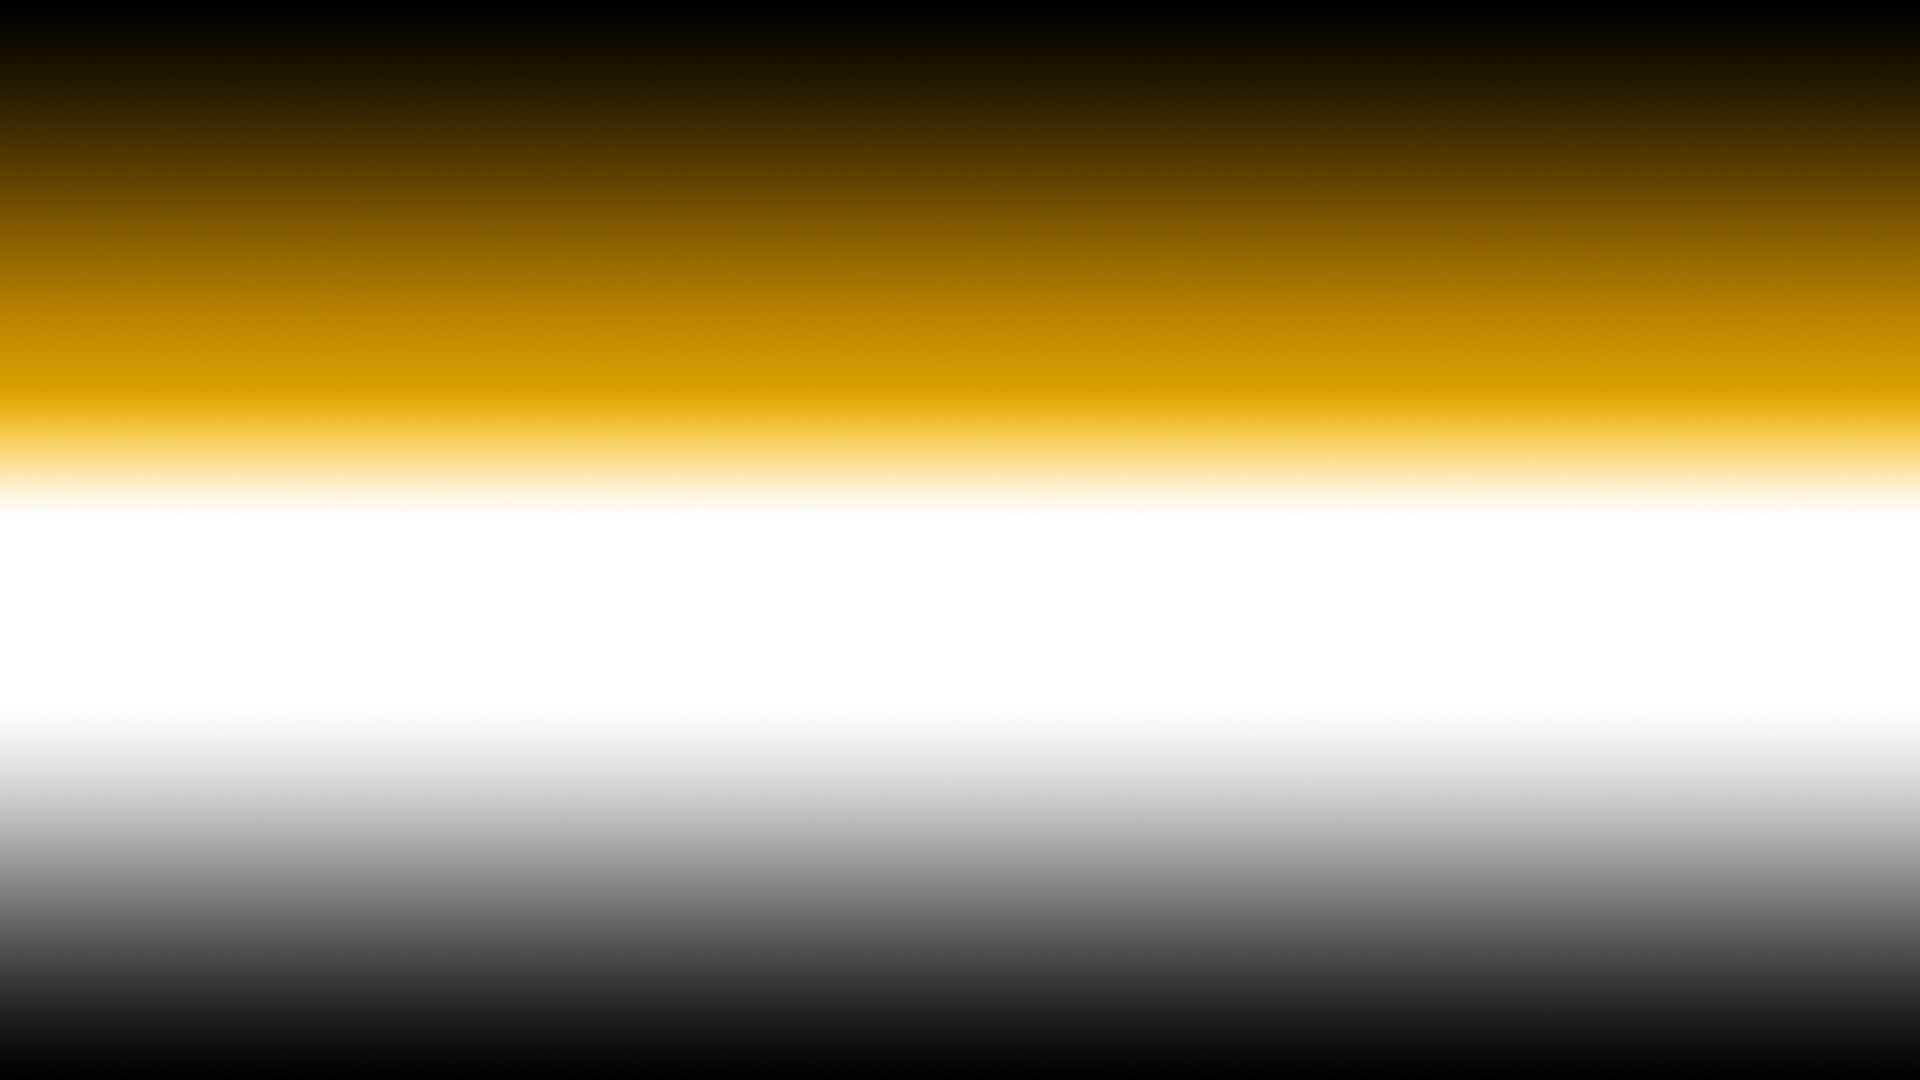 blackgoldwhitedesktopwallpaper viztv media